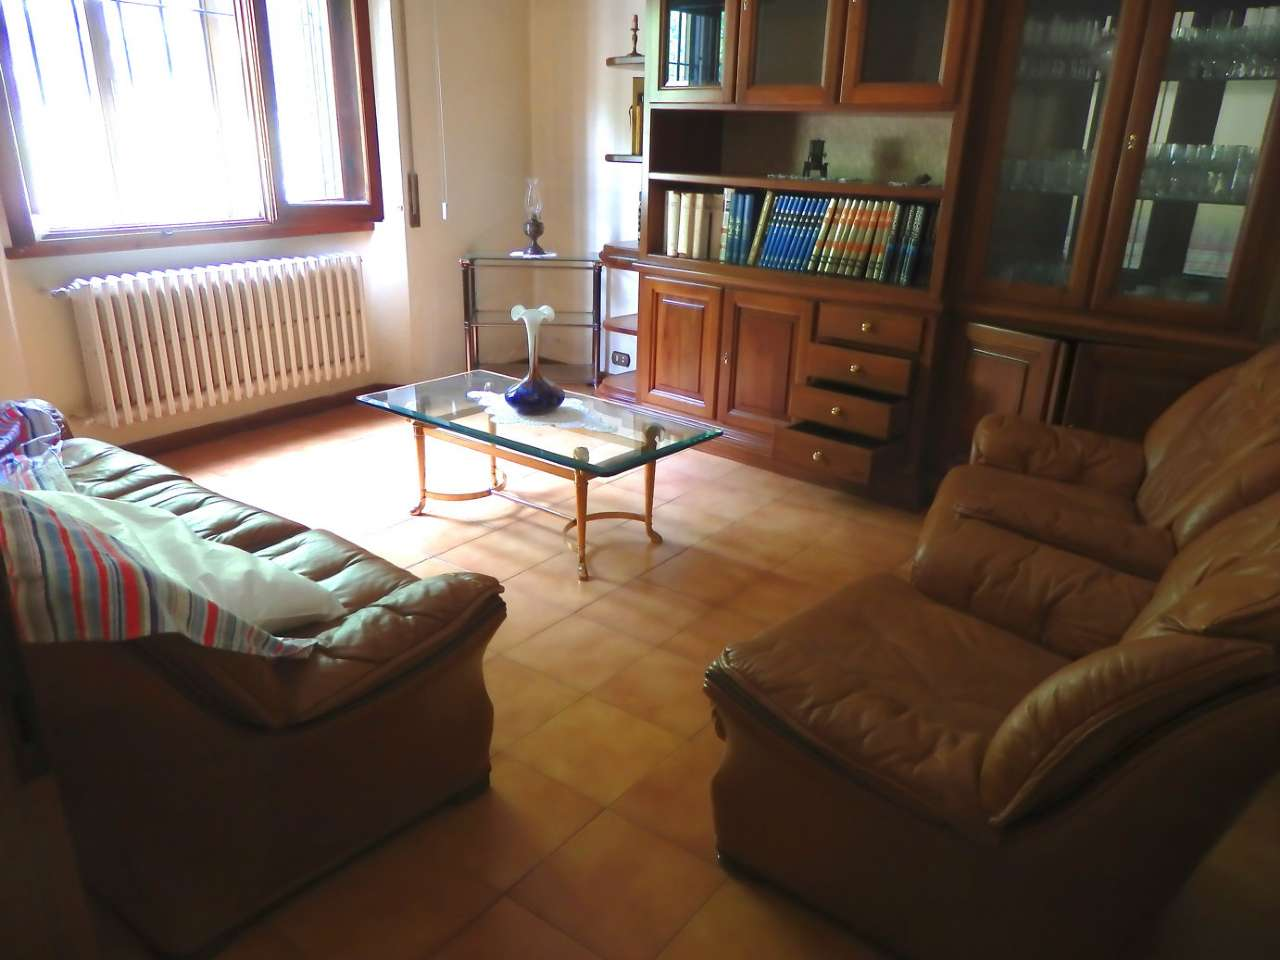 Soluzione Indipendente in vendita a Cantagallo, 9999 locali, prezzo € 258.000   CambioCasa.it